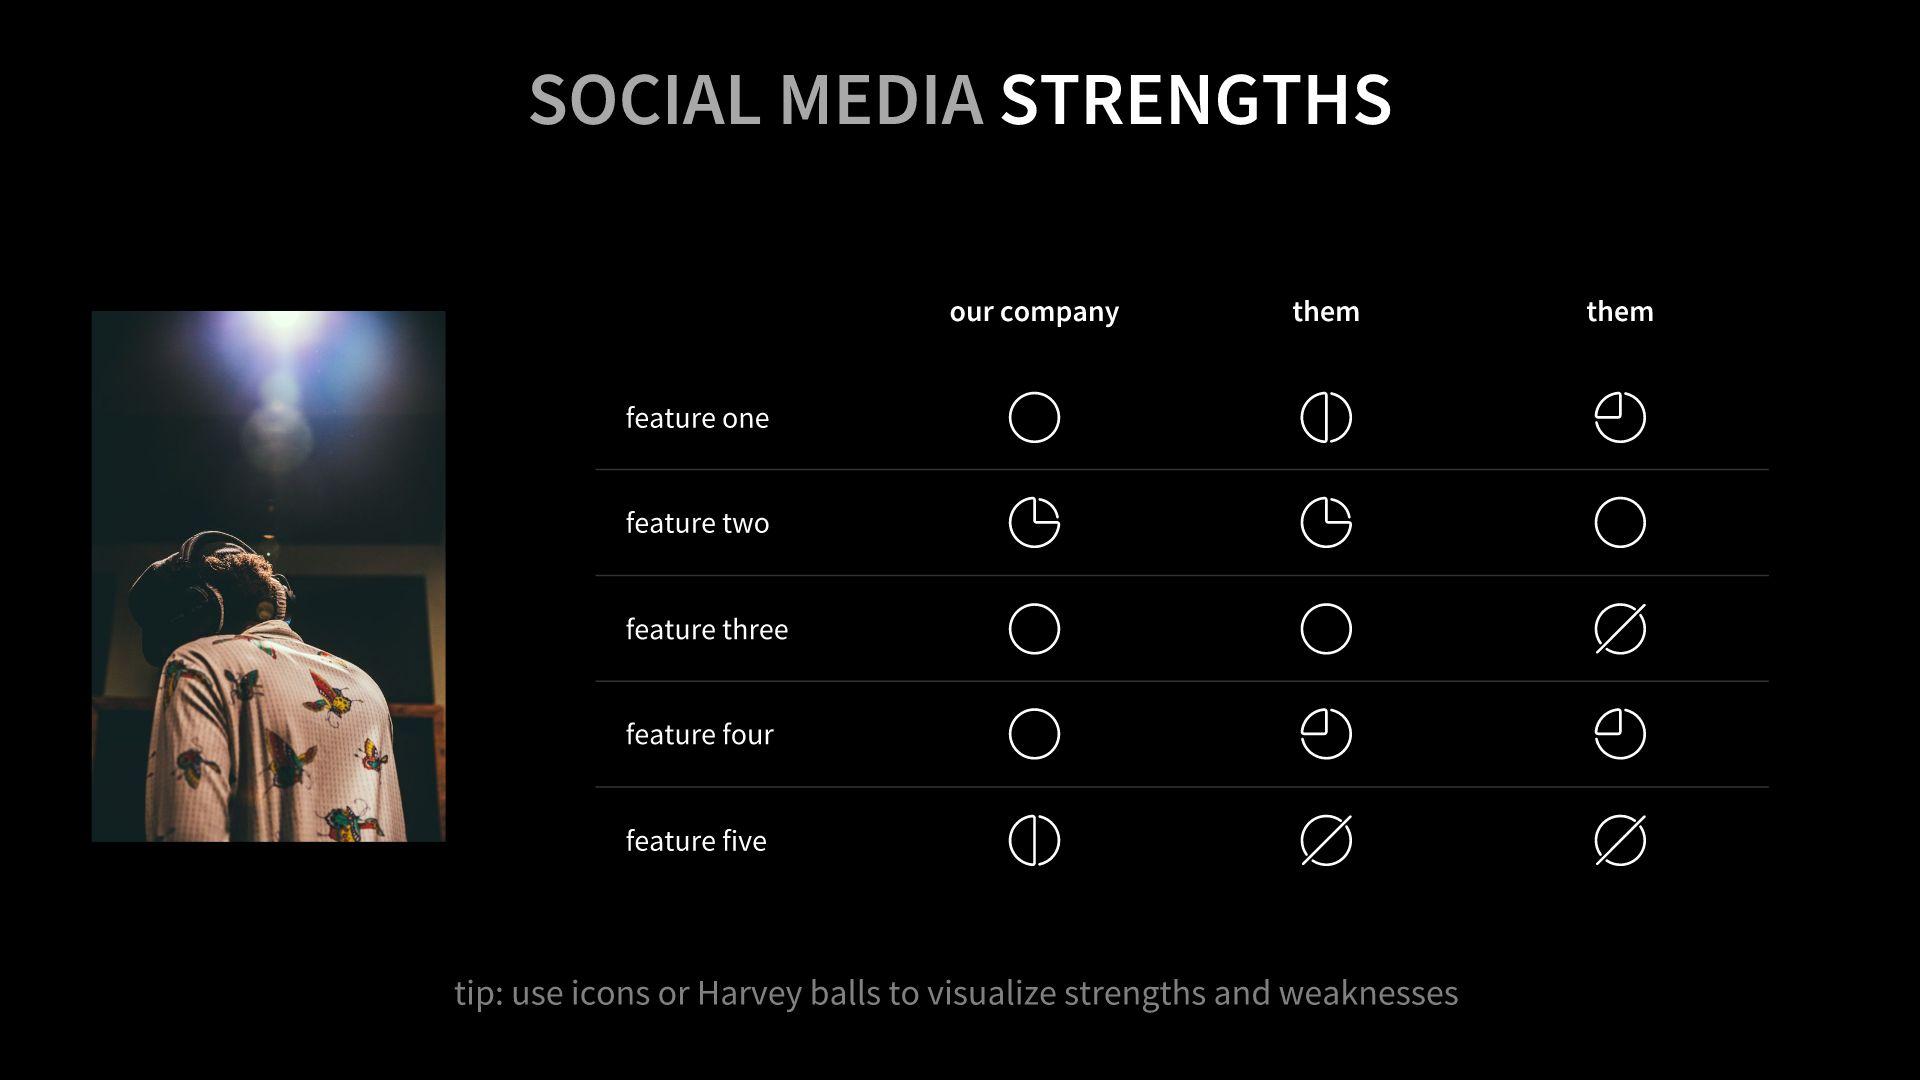 Social Media Strengths